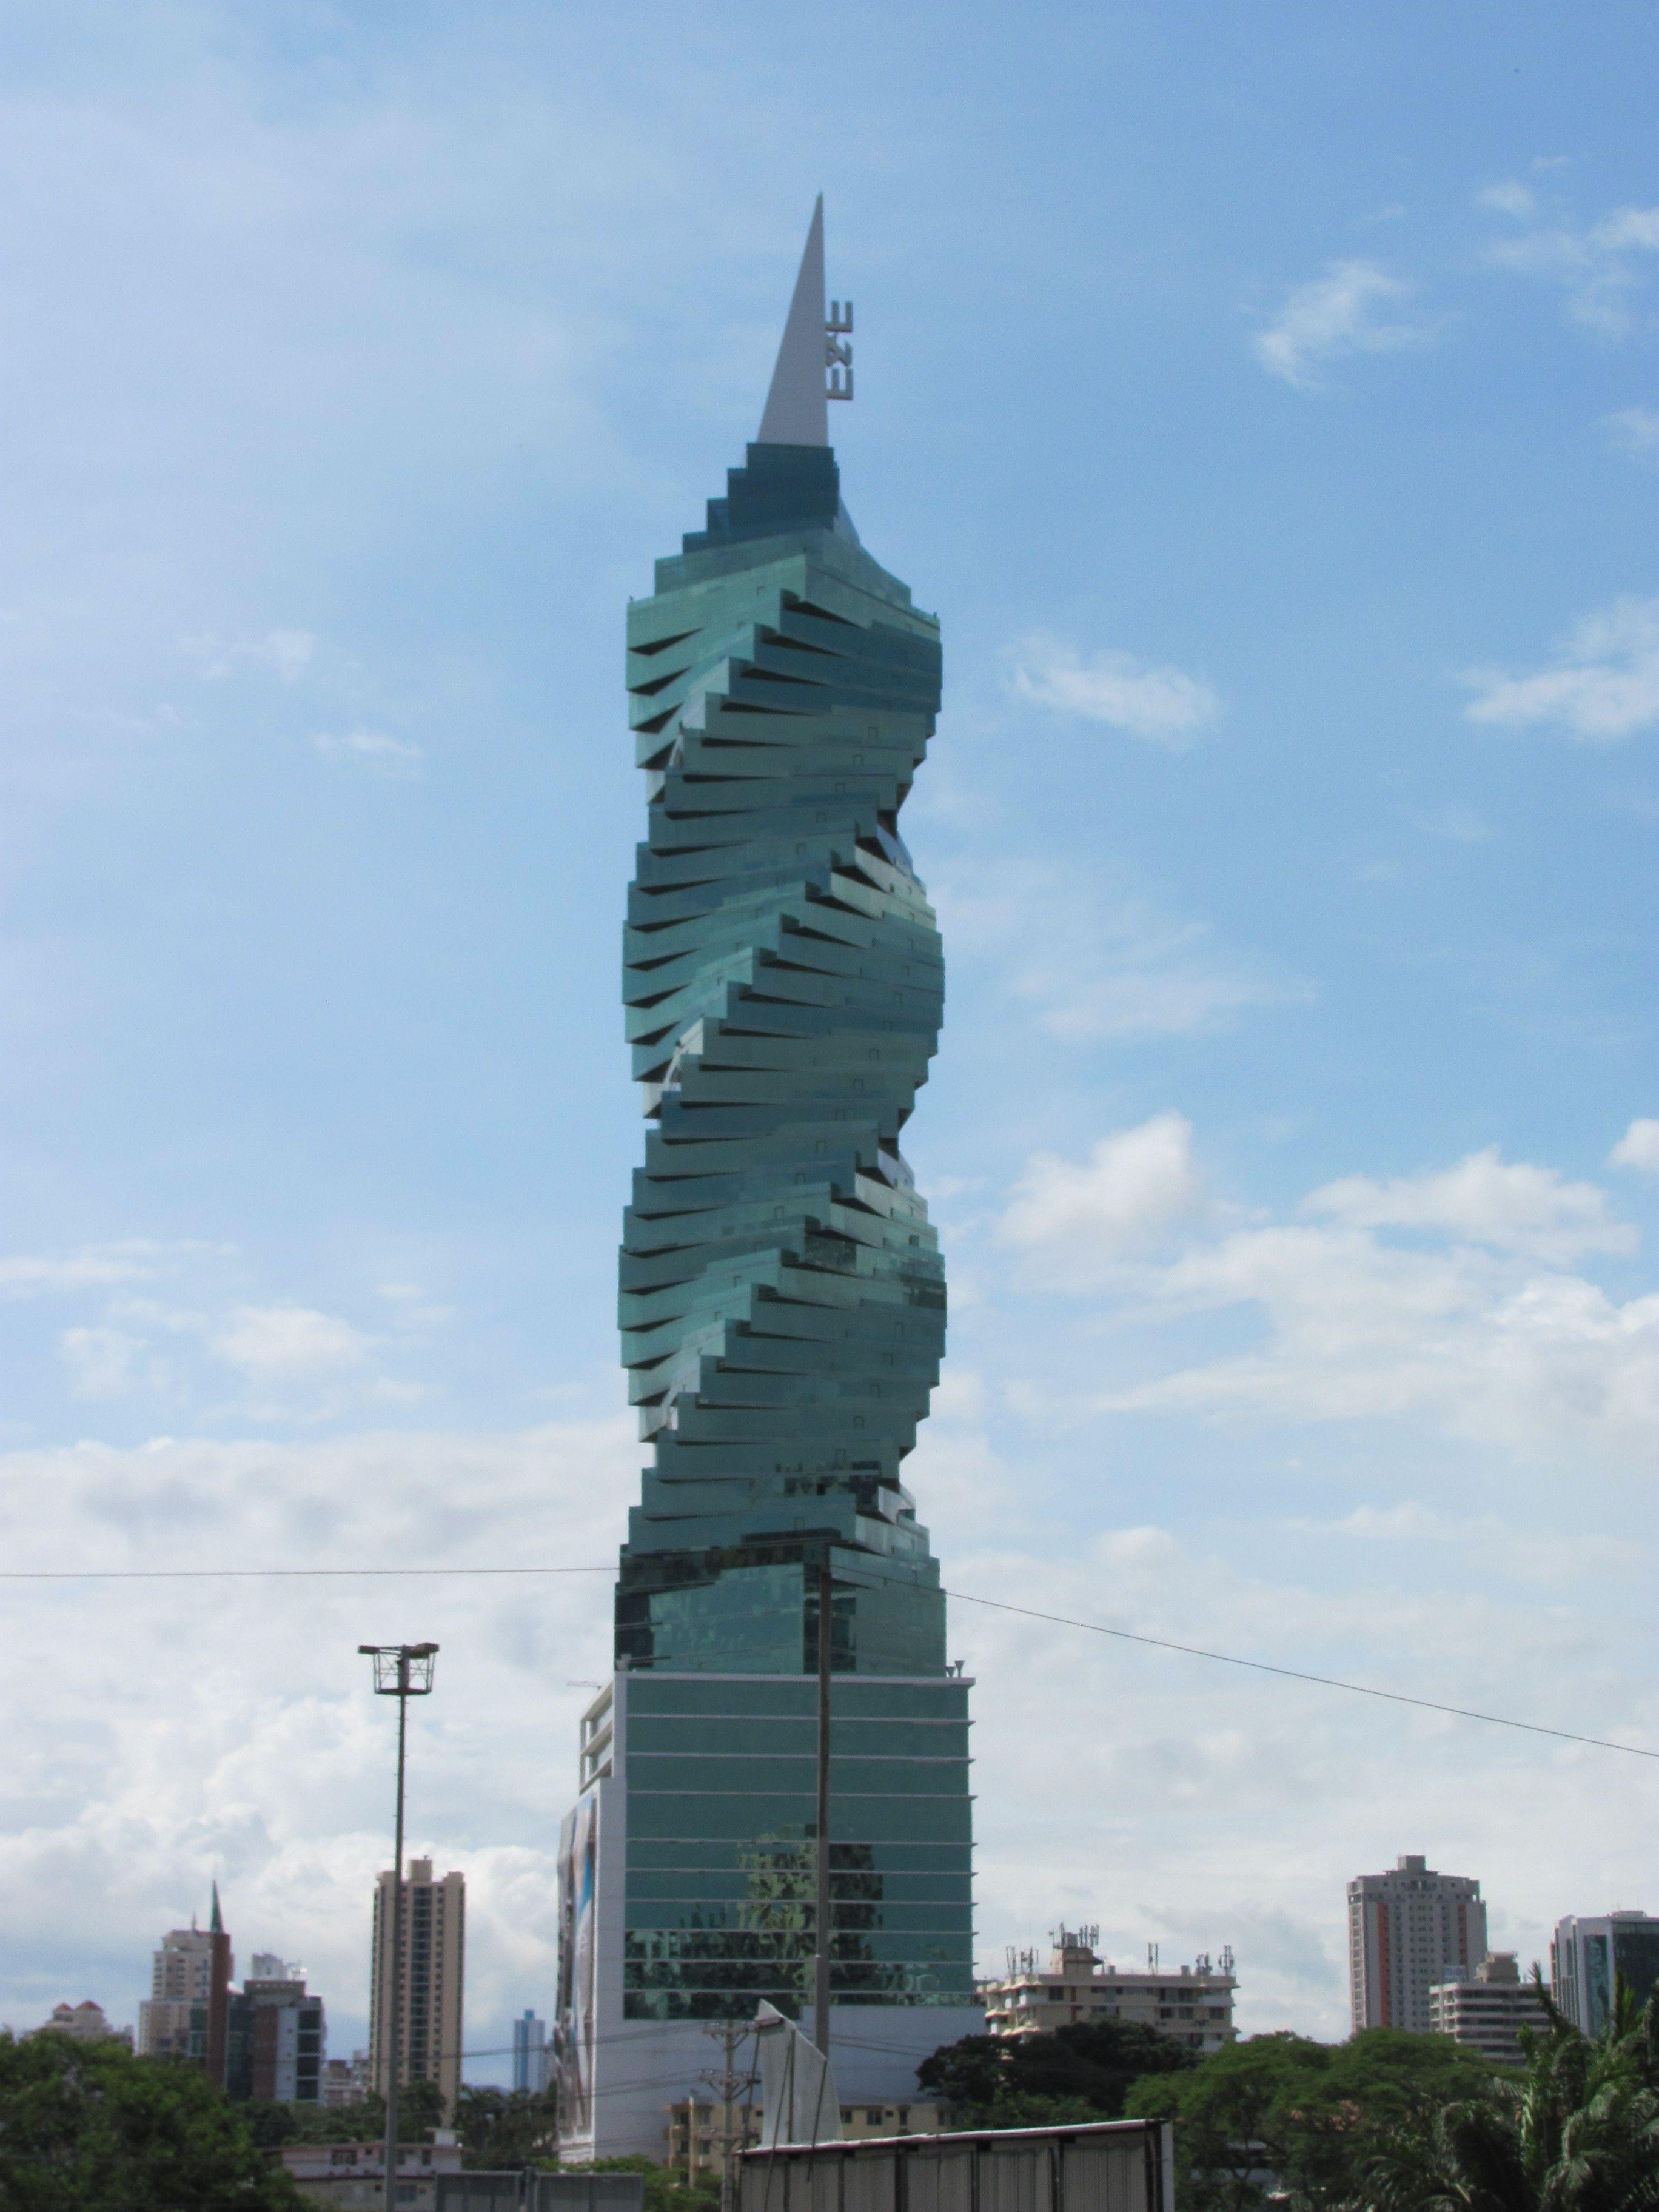 Revolution Tower - Panama . Mejor conocido como el tornillo